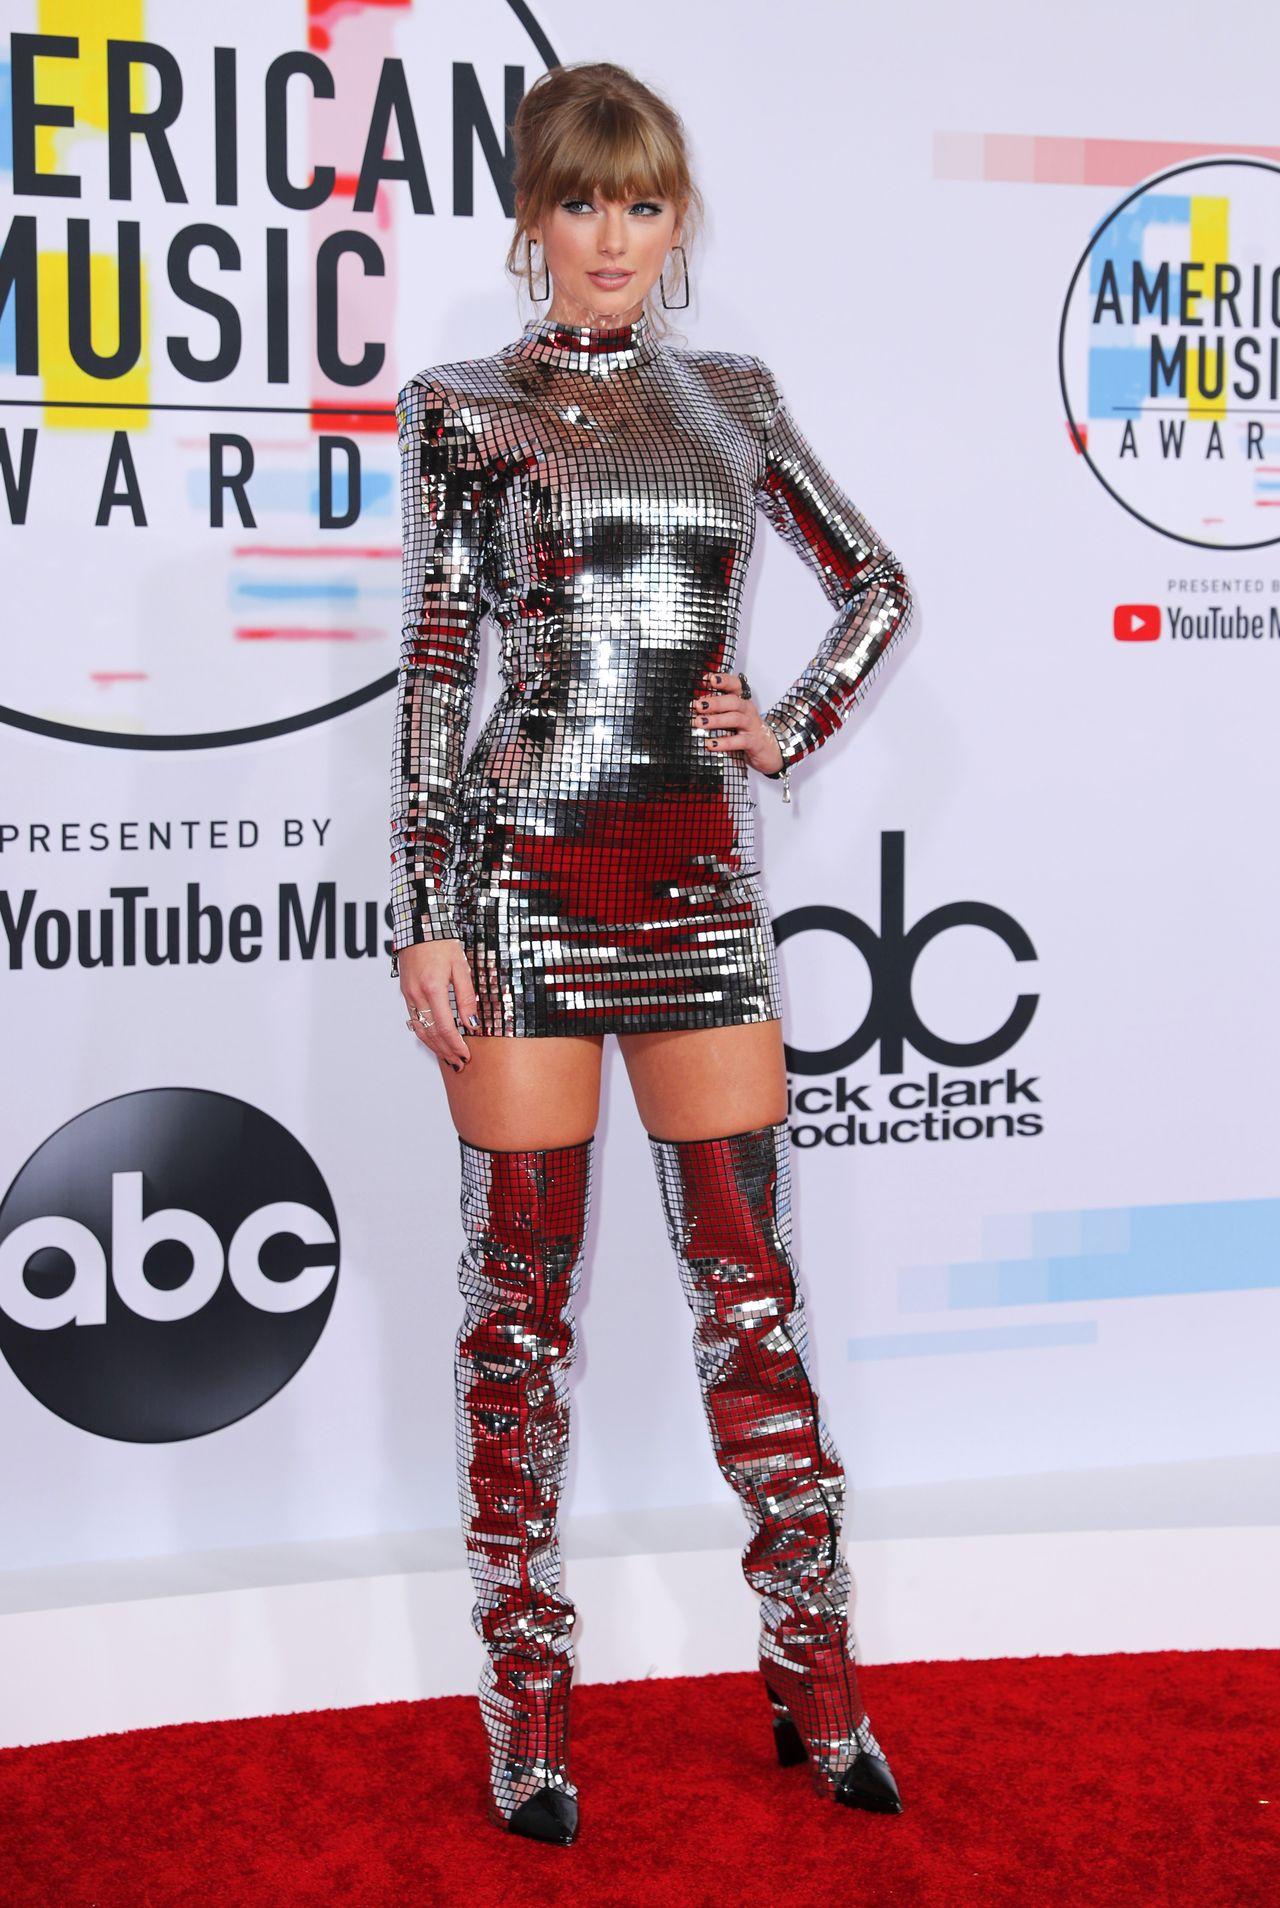 Kreacje gwiazd na gali American Music Awards 2018 (ZDJĘCIA)